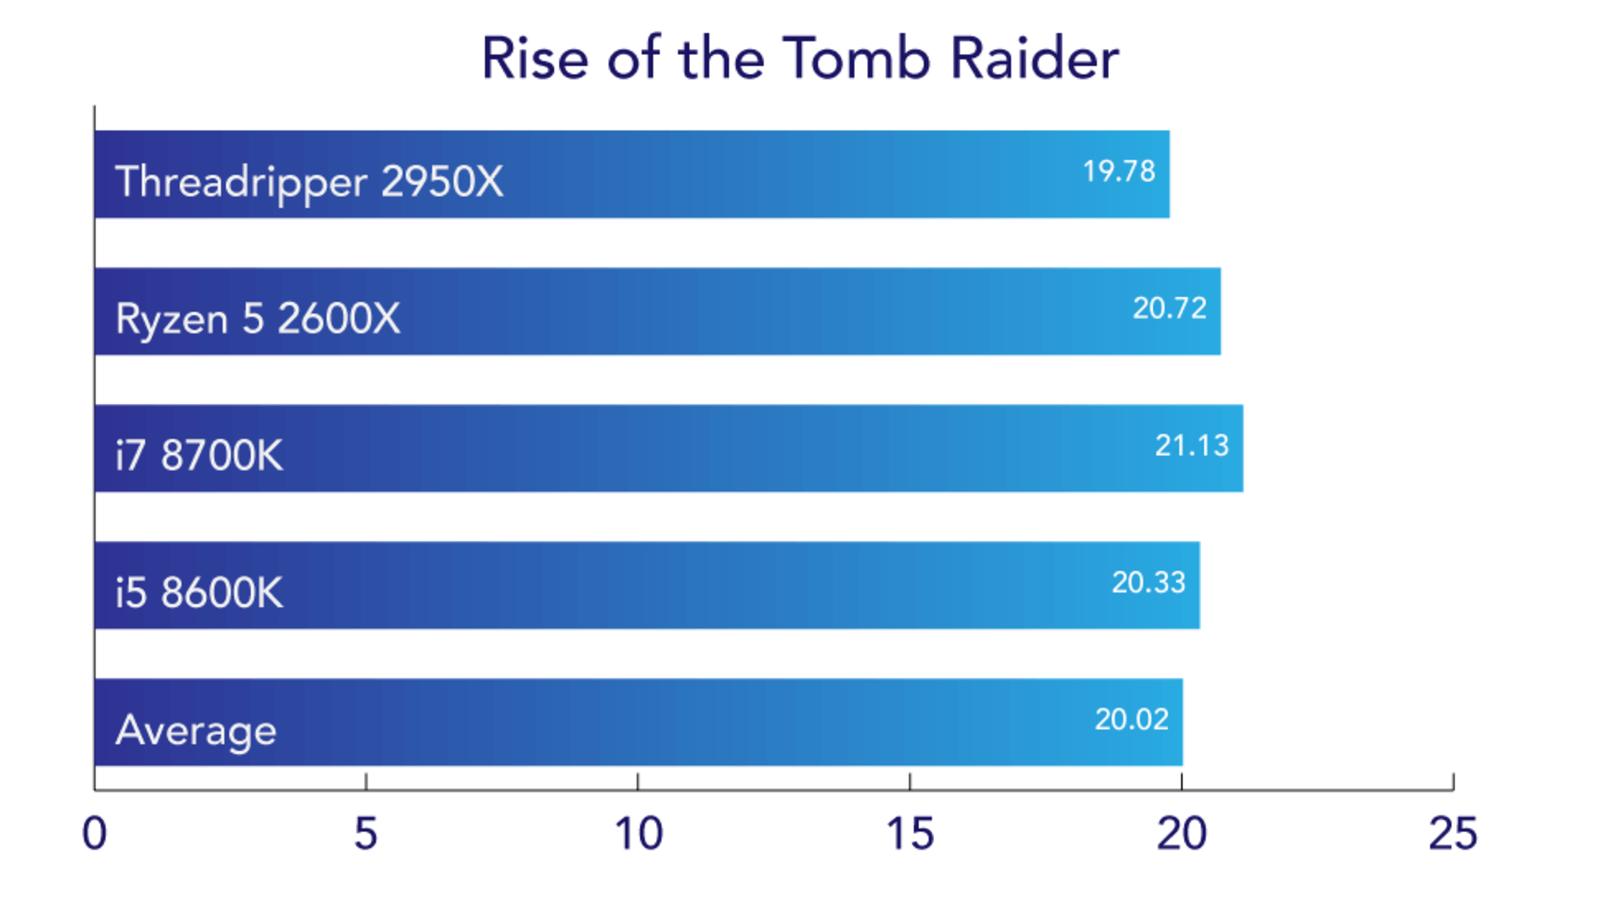 En el benchmark de Rise of the Tomb Raider, que mide cuadros o fotogramas por segundo, el GPU importa más que el procesador. En estas pruebas usamos la Nvidia 1080 para cada una, y el número más alto es mejor.